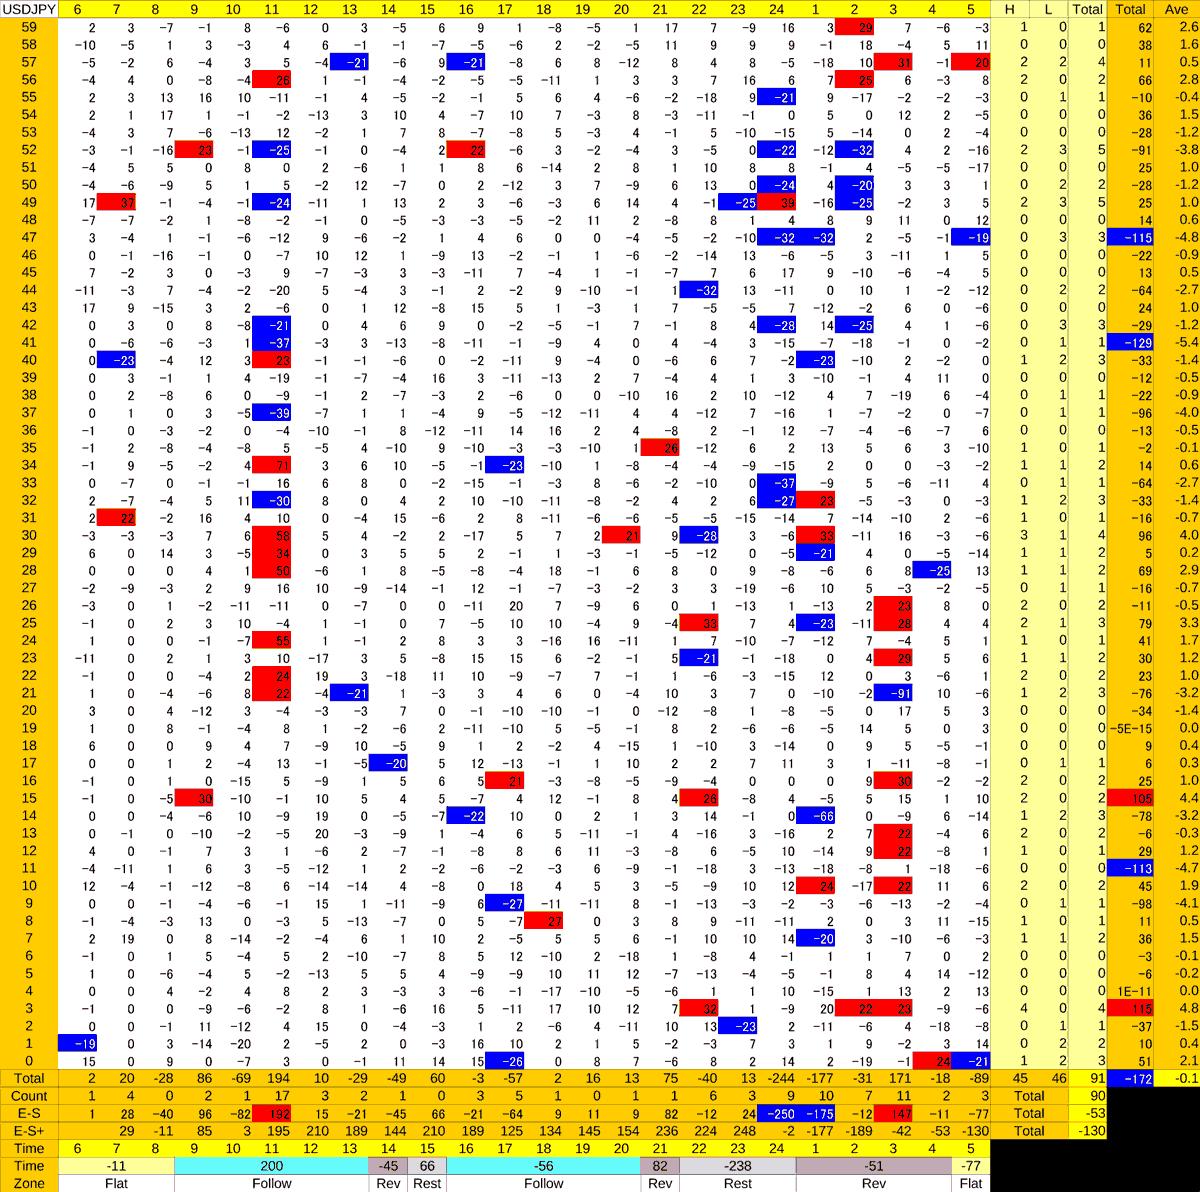 20210114_HS(1)USDJPY